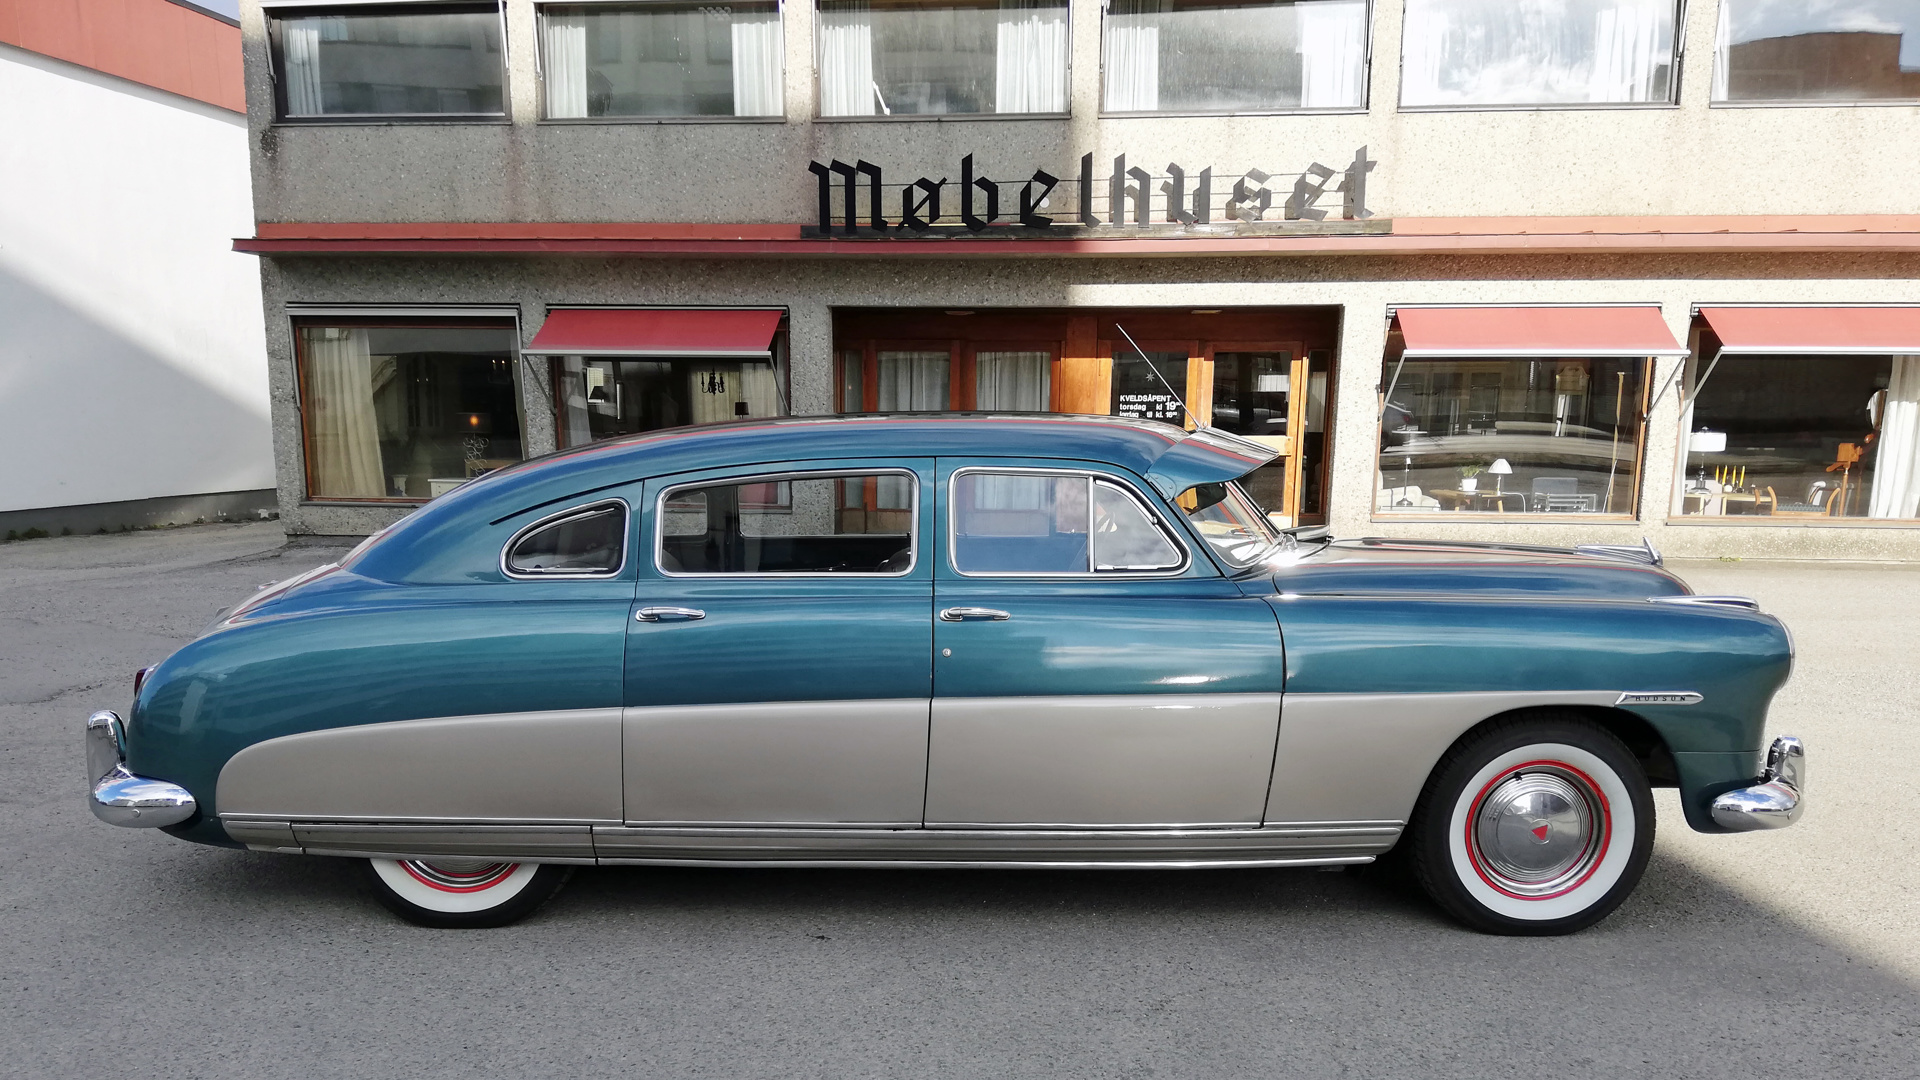 157-1948 Hudson Supersix 01. Eiere- medlem 157 Rit